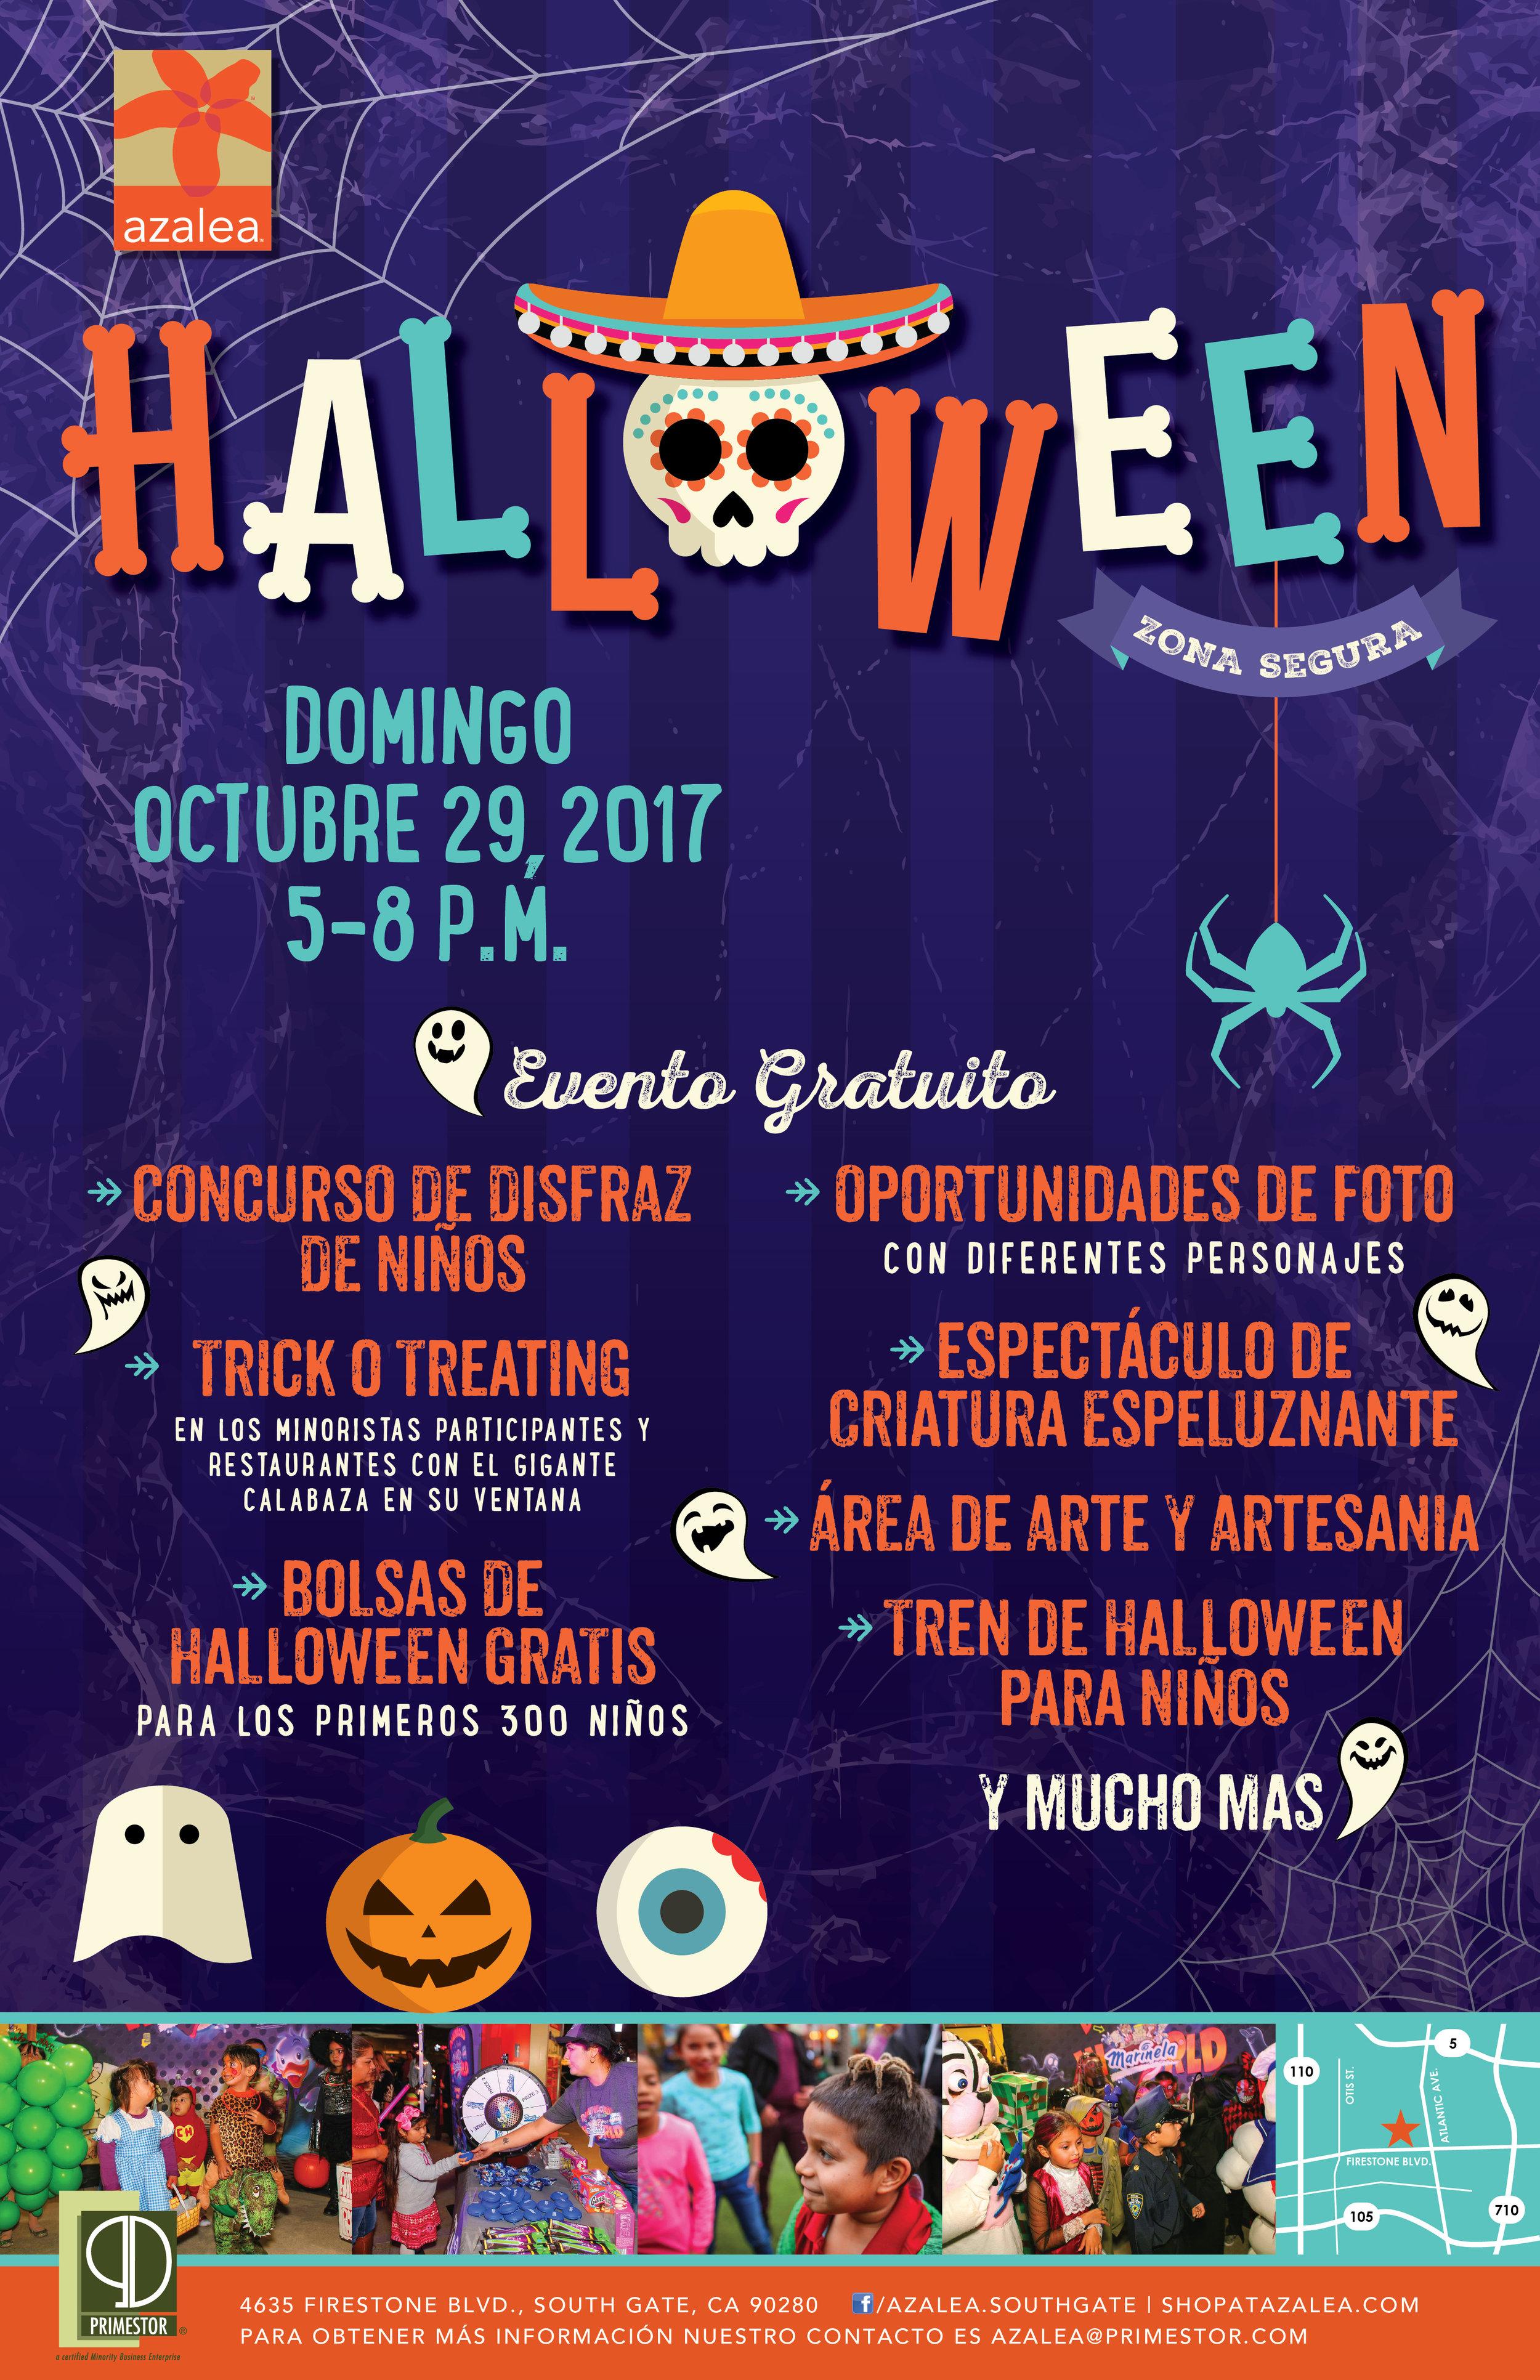 Primstor_azalea_Halloween_11x17_ES_R1.jpg